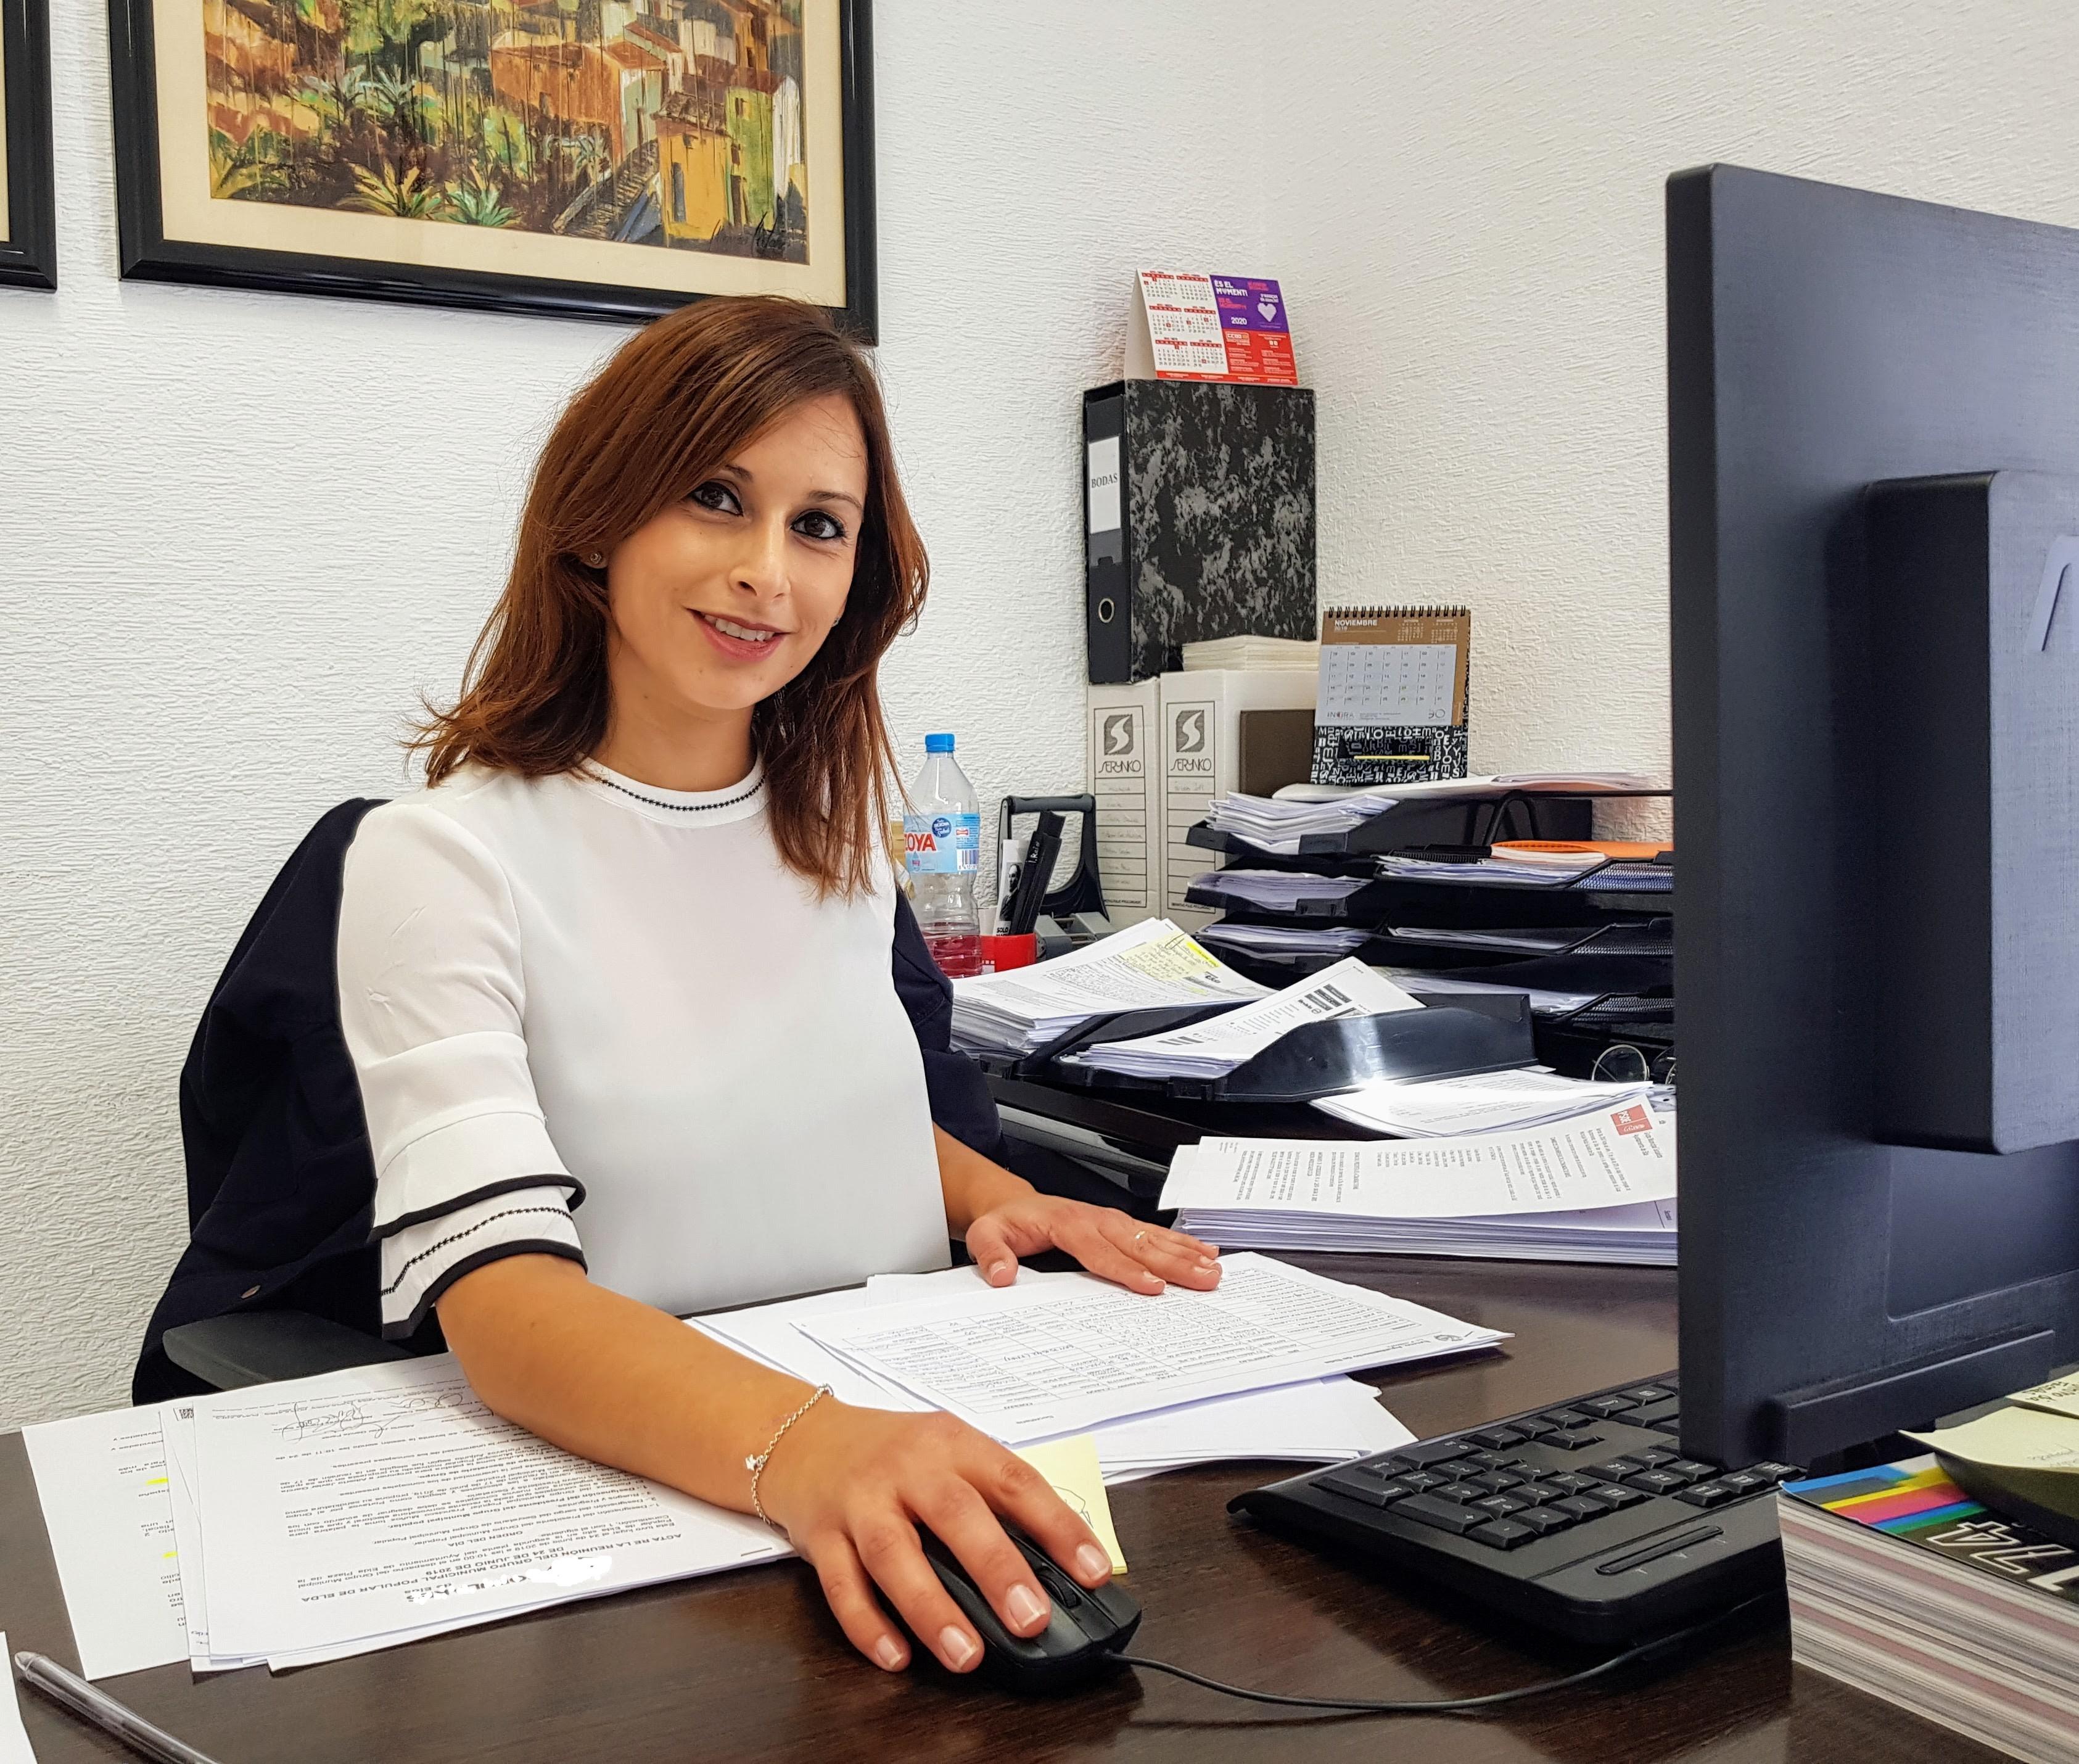 Elda recibirá 589.732 euros del Fondo Social Europeo para contratar a mayores de 30 años que hayan perdido su empleo por el covid-19